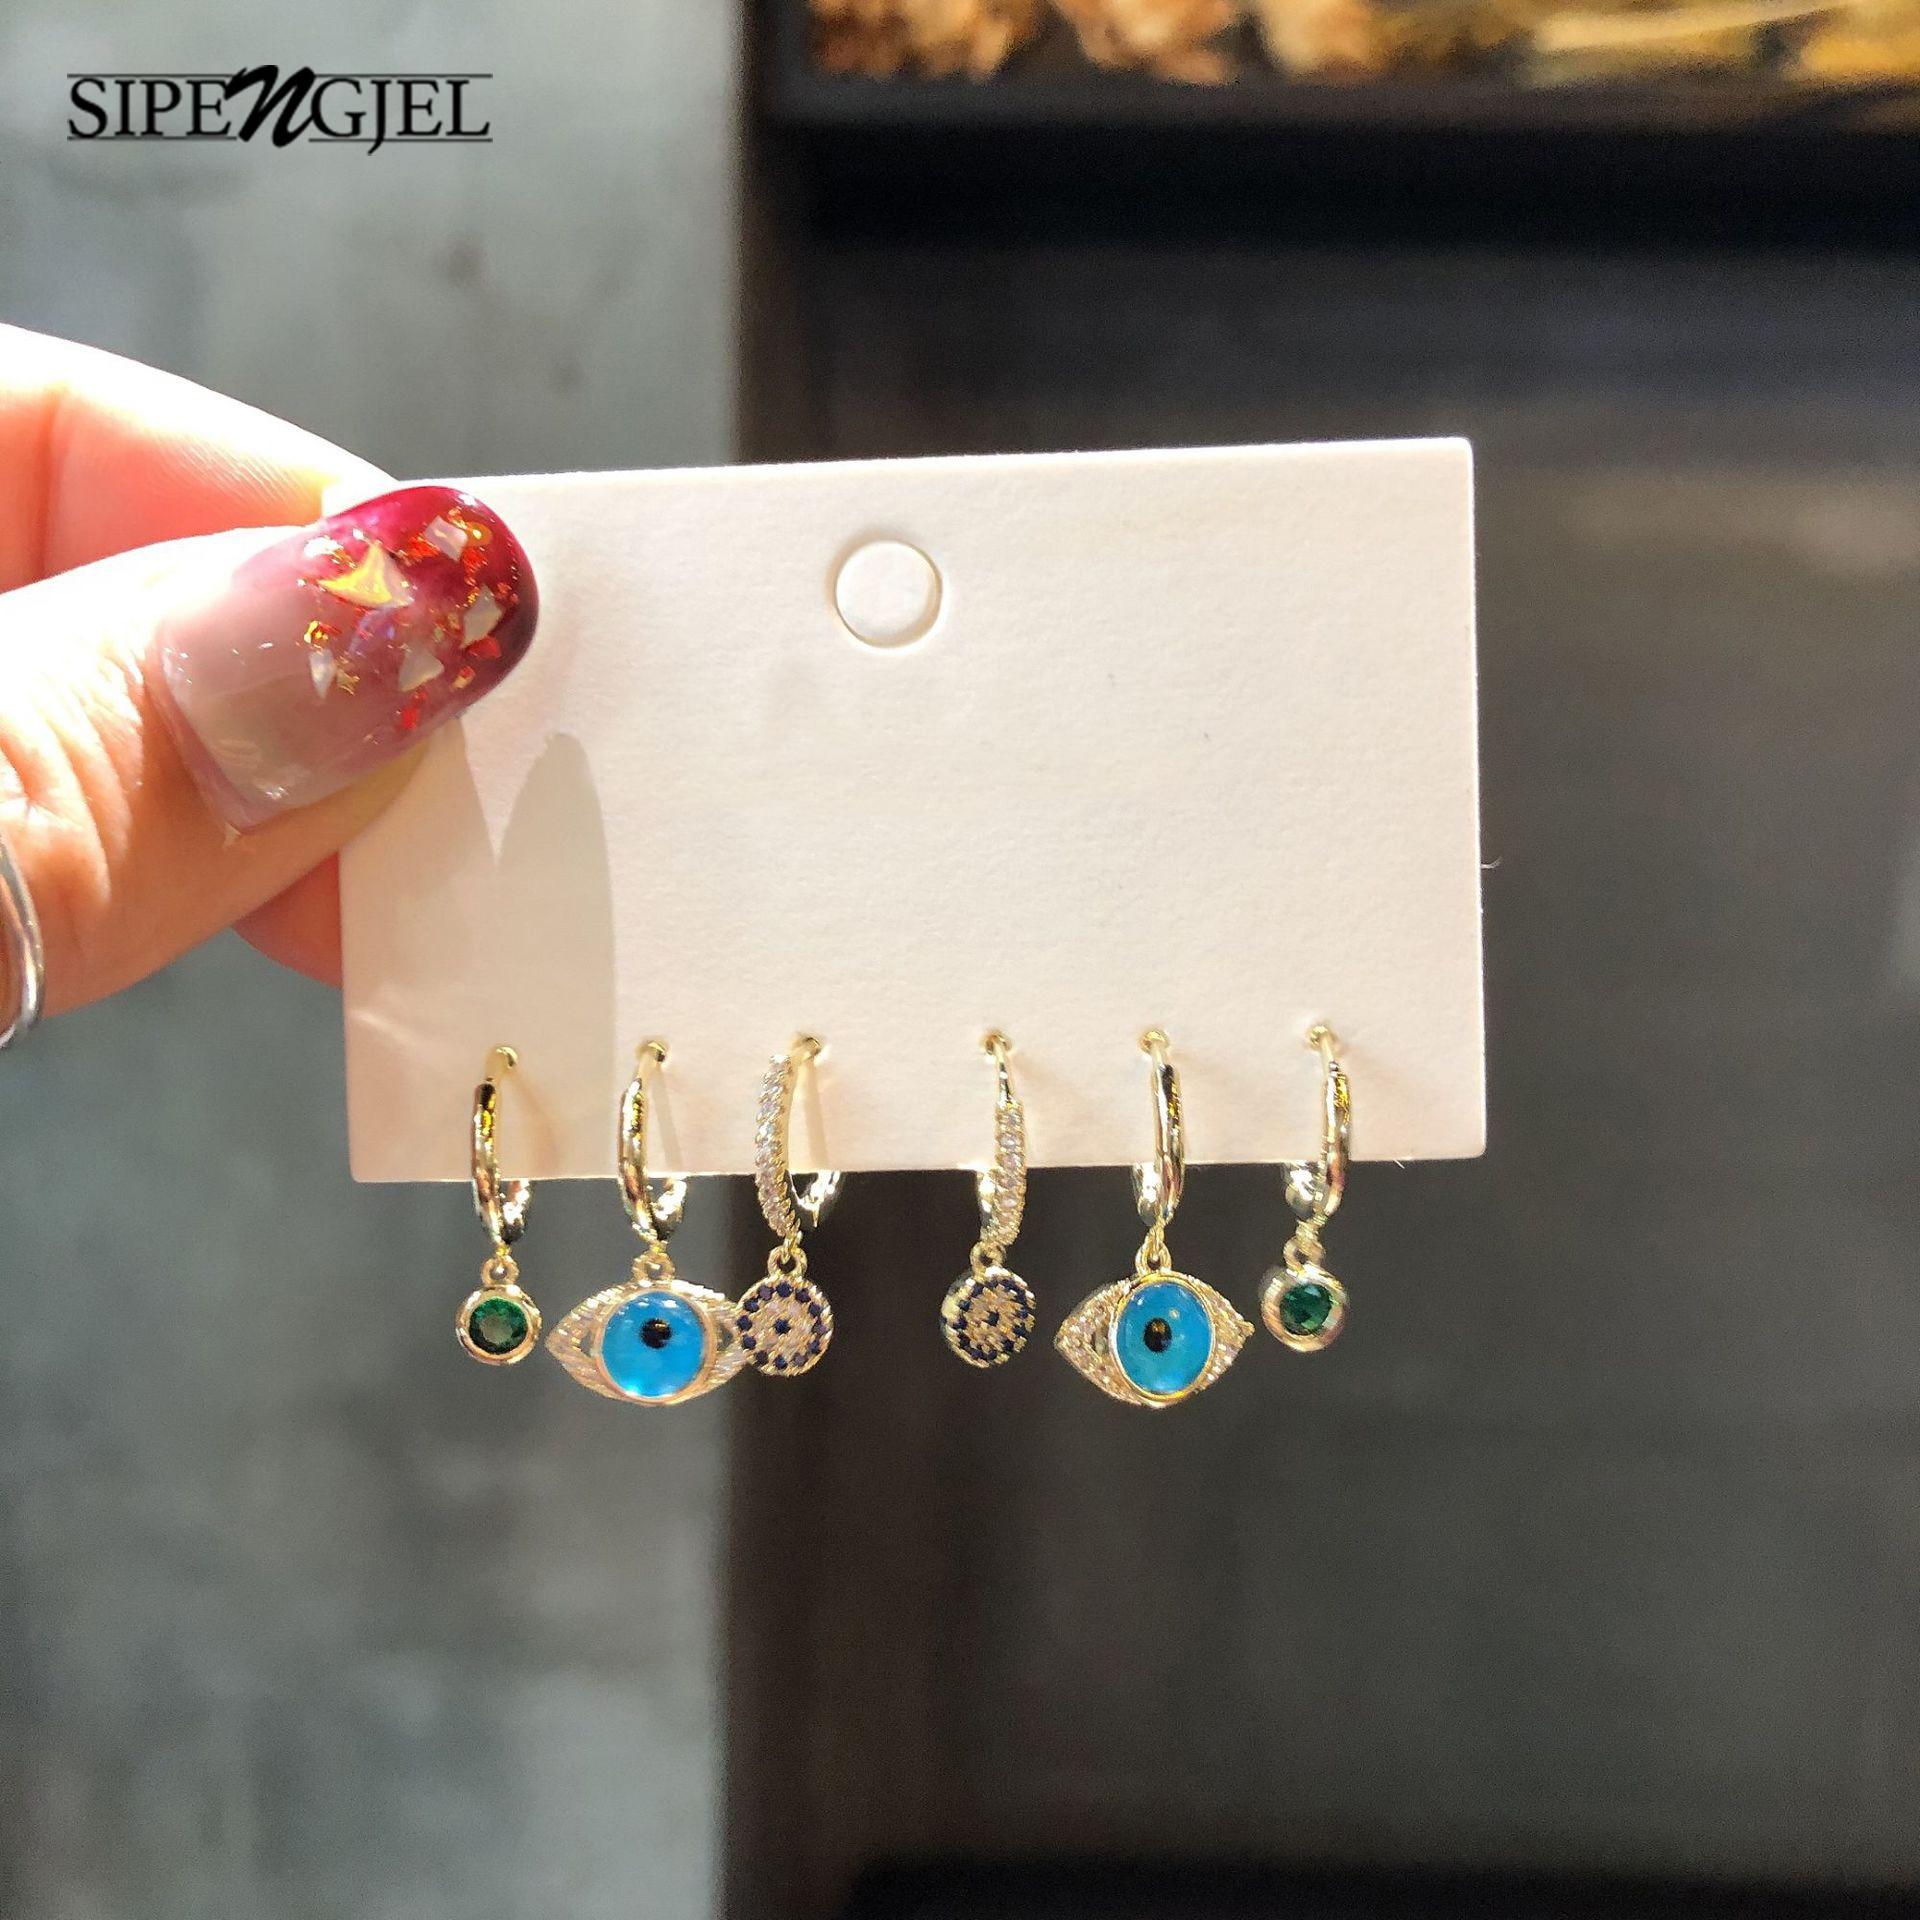 Модная маленькая золотая искусственная кожа с цирконом, роскошная женская фотография, новые корейские украшения 2020